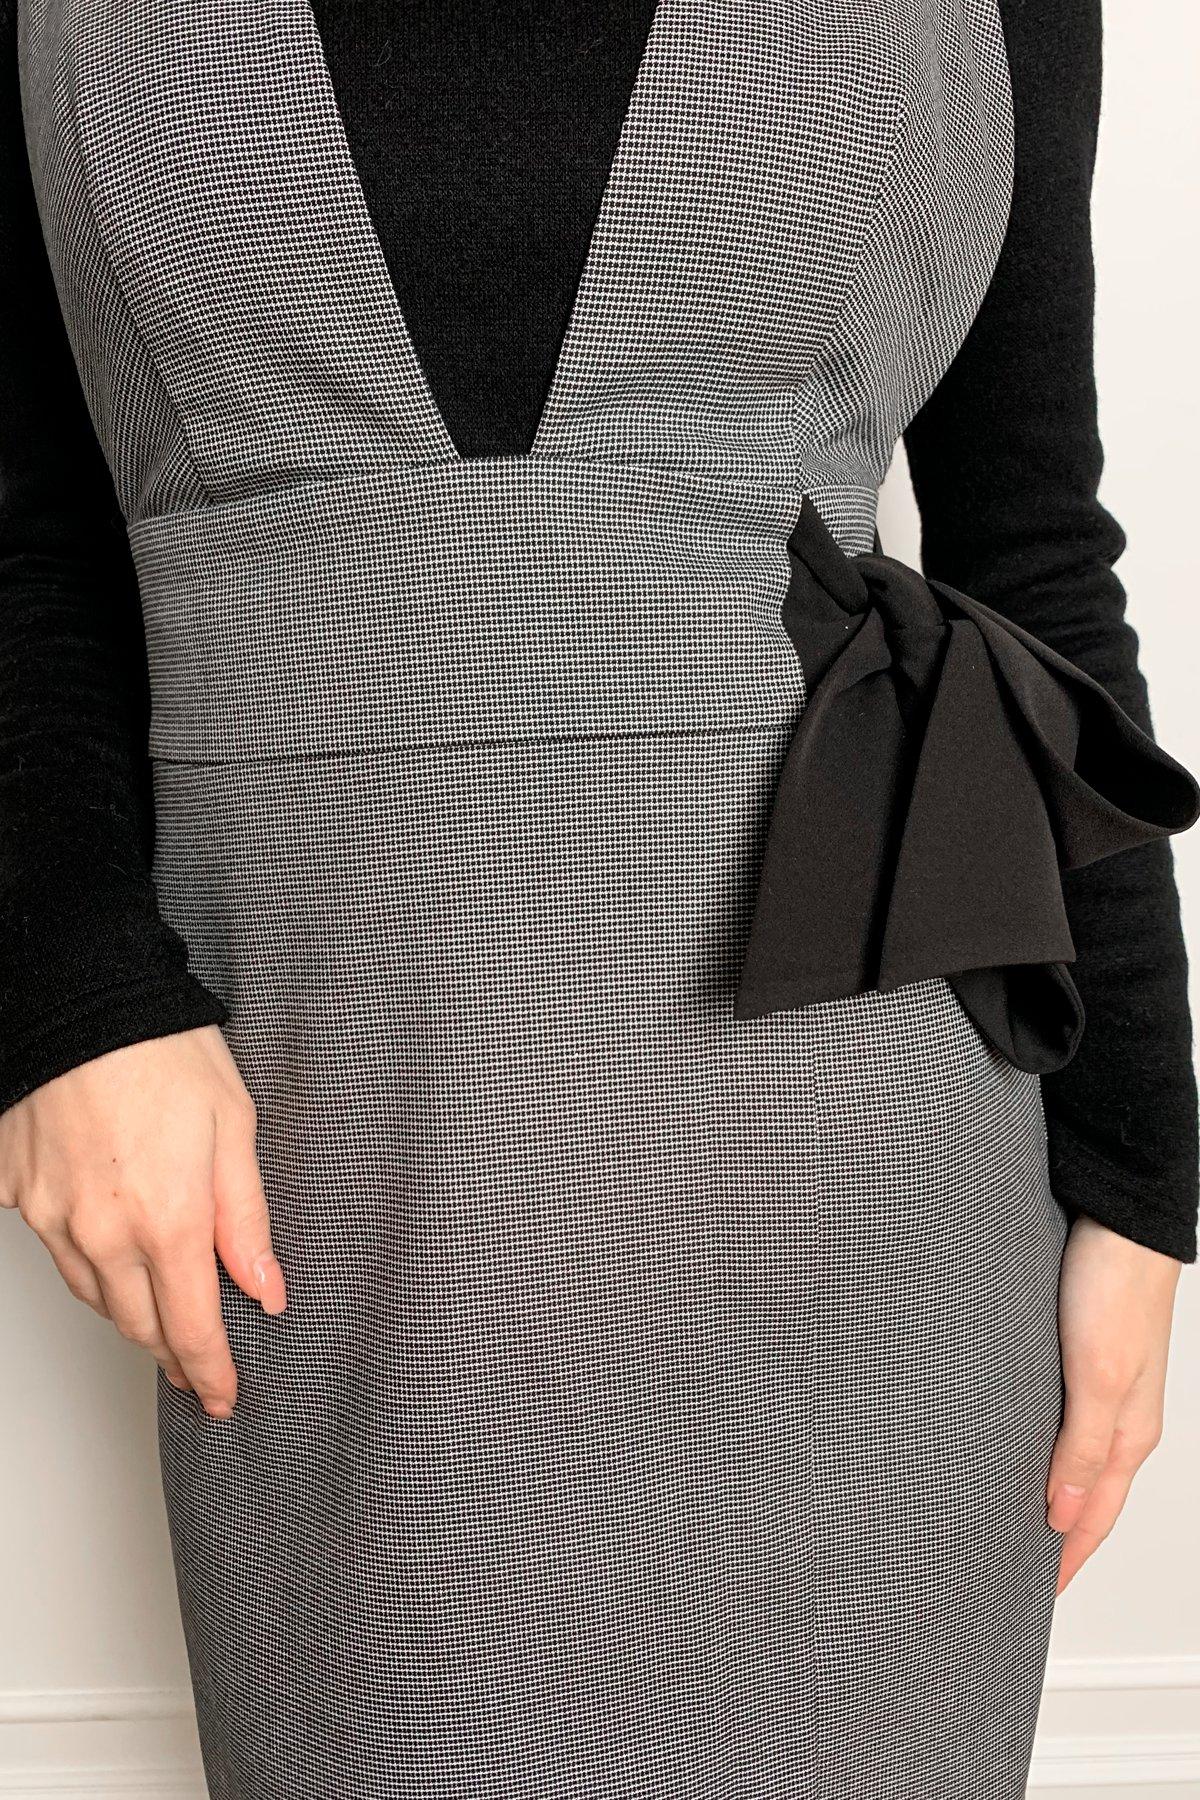 Фила платье костюмка принт стрейч платье 10026 АРТ. 46321 Цвет: Клетка мел черн/бел - фото 3, интернет магазин tm-modus.ru